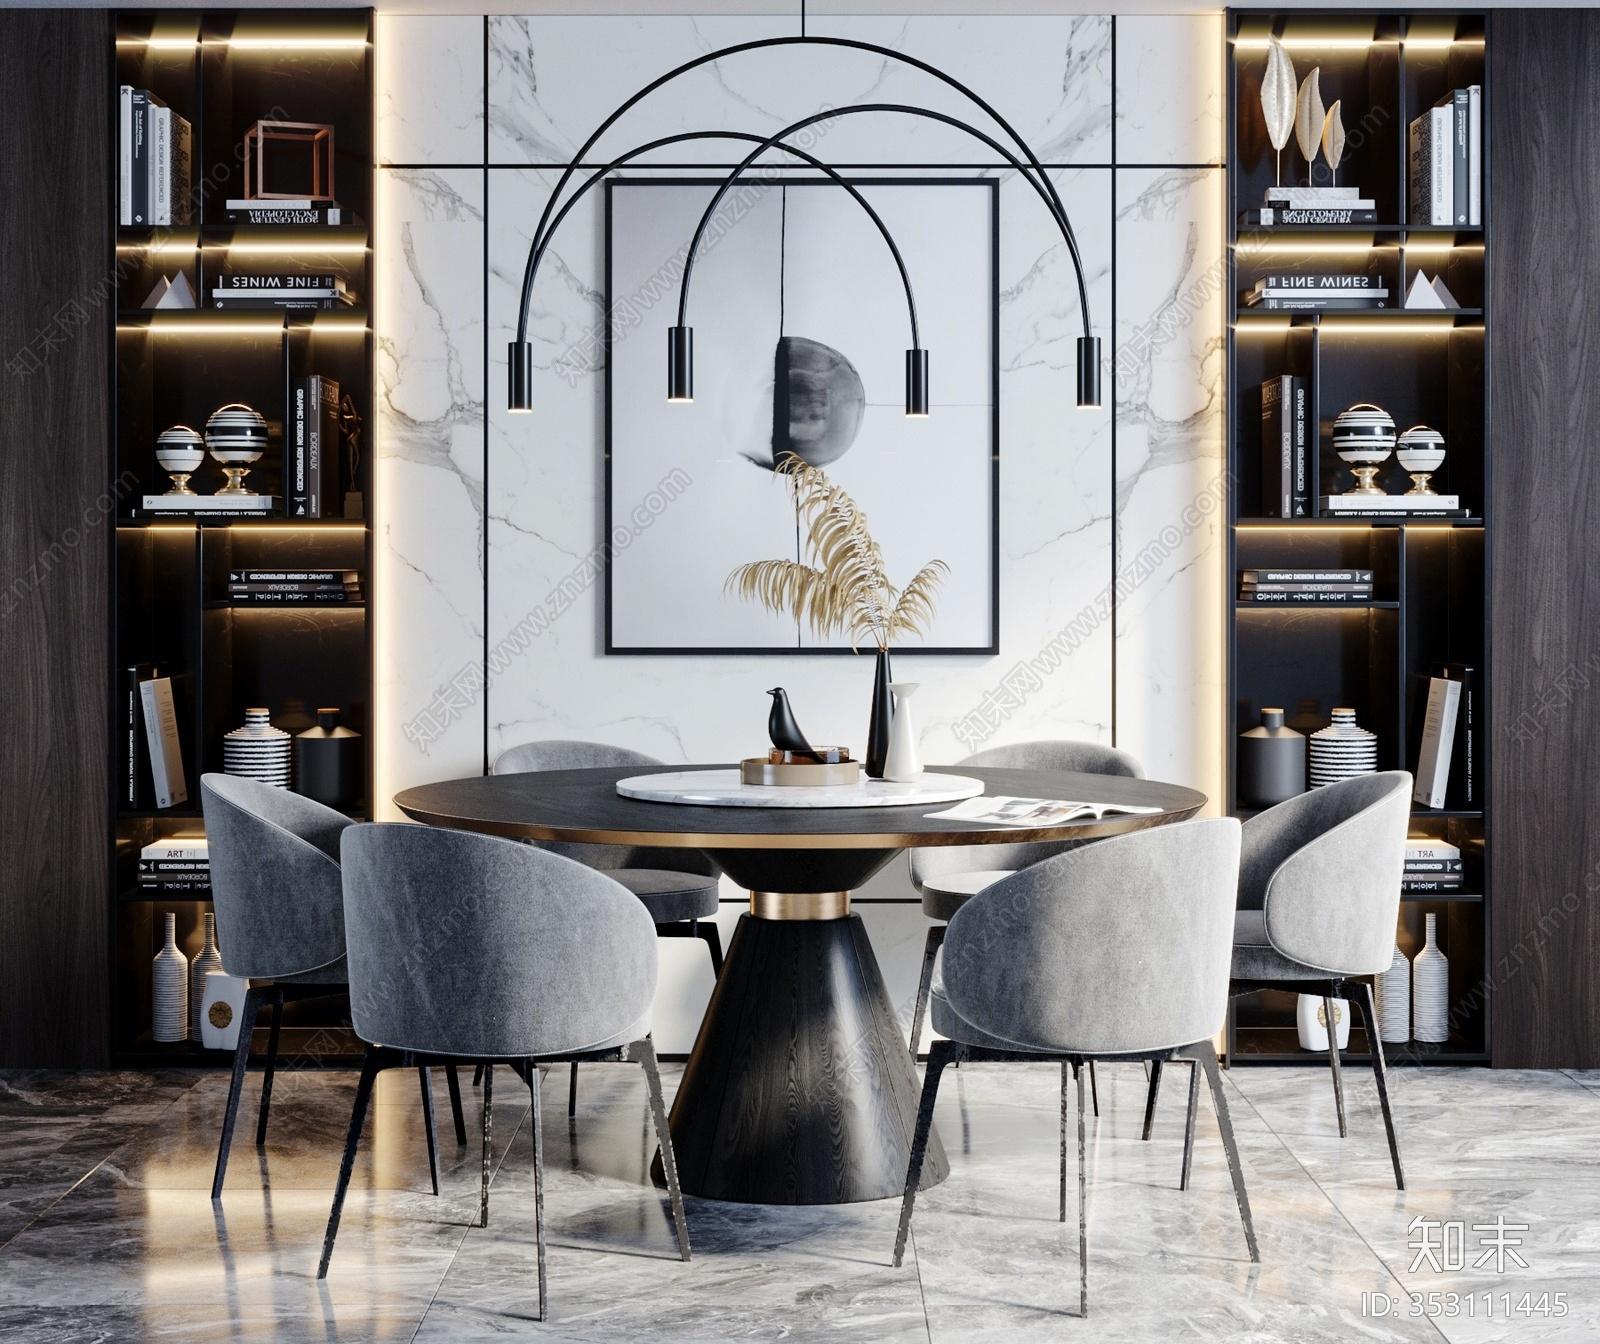 现代餐桌椅 餐厅 吊灯 餐具 餐桌 单椅 餐椅 花瓶 饰品 摆件 挂画